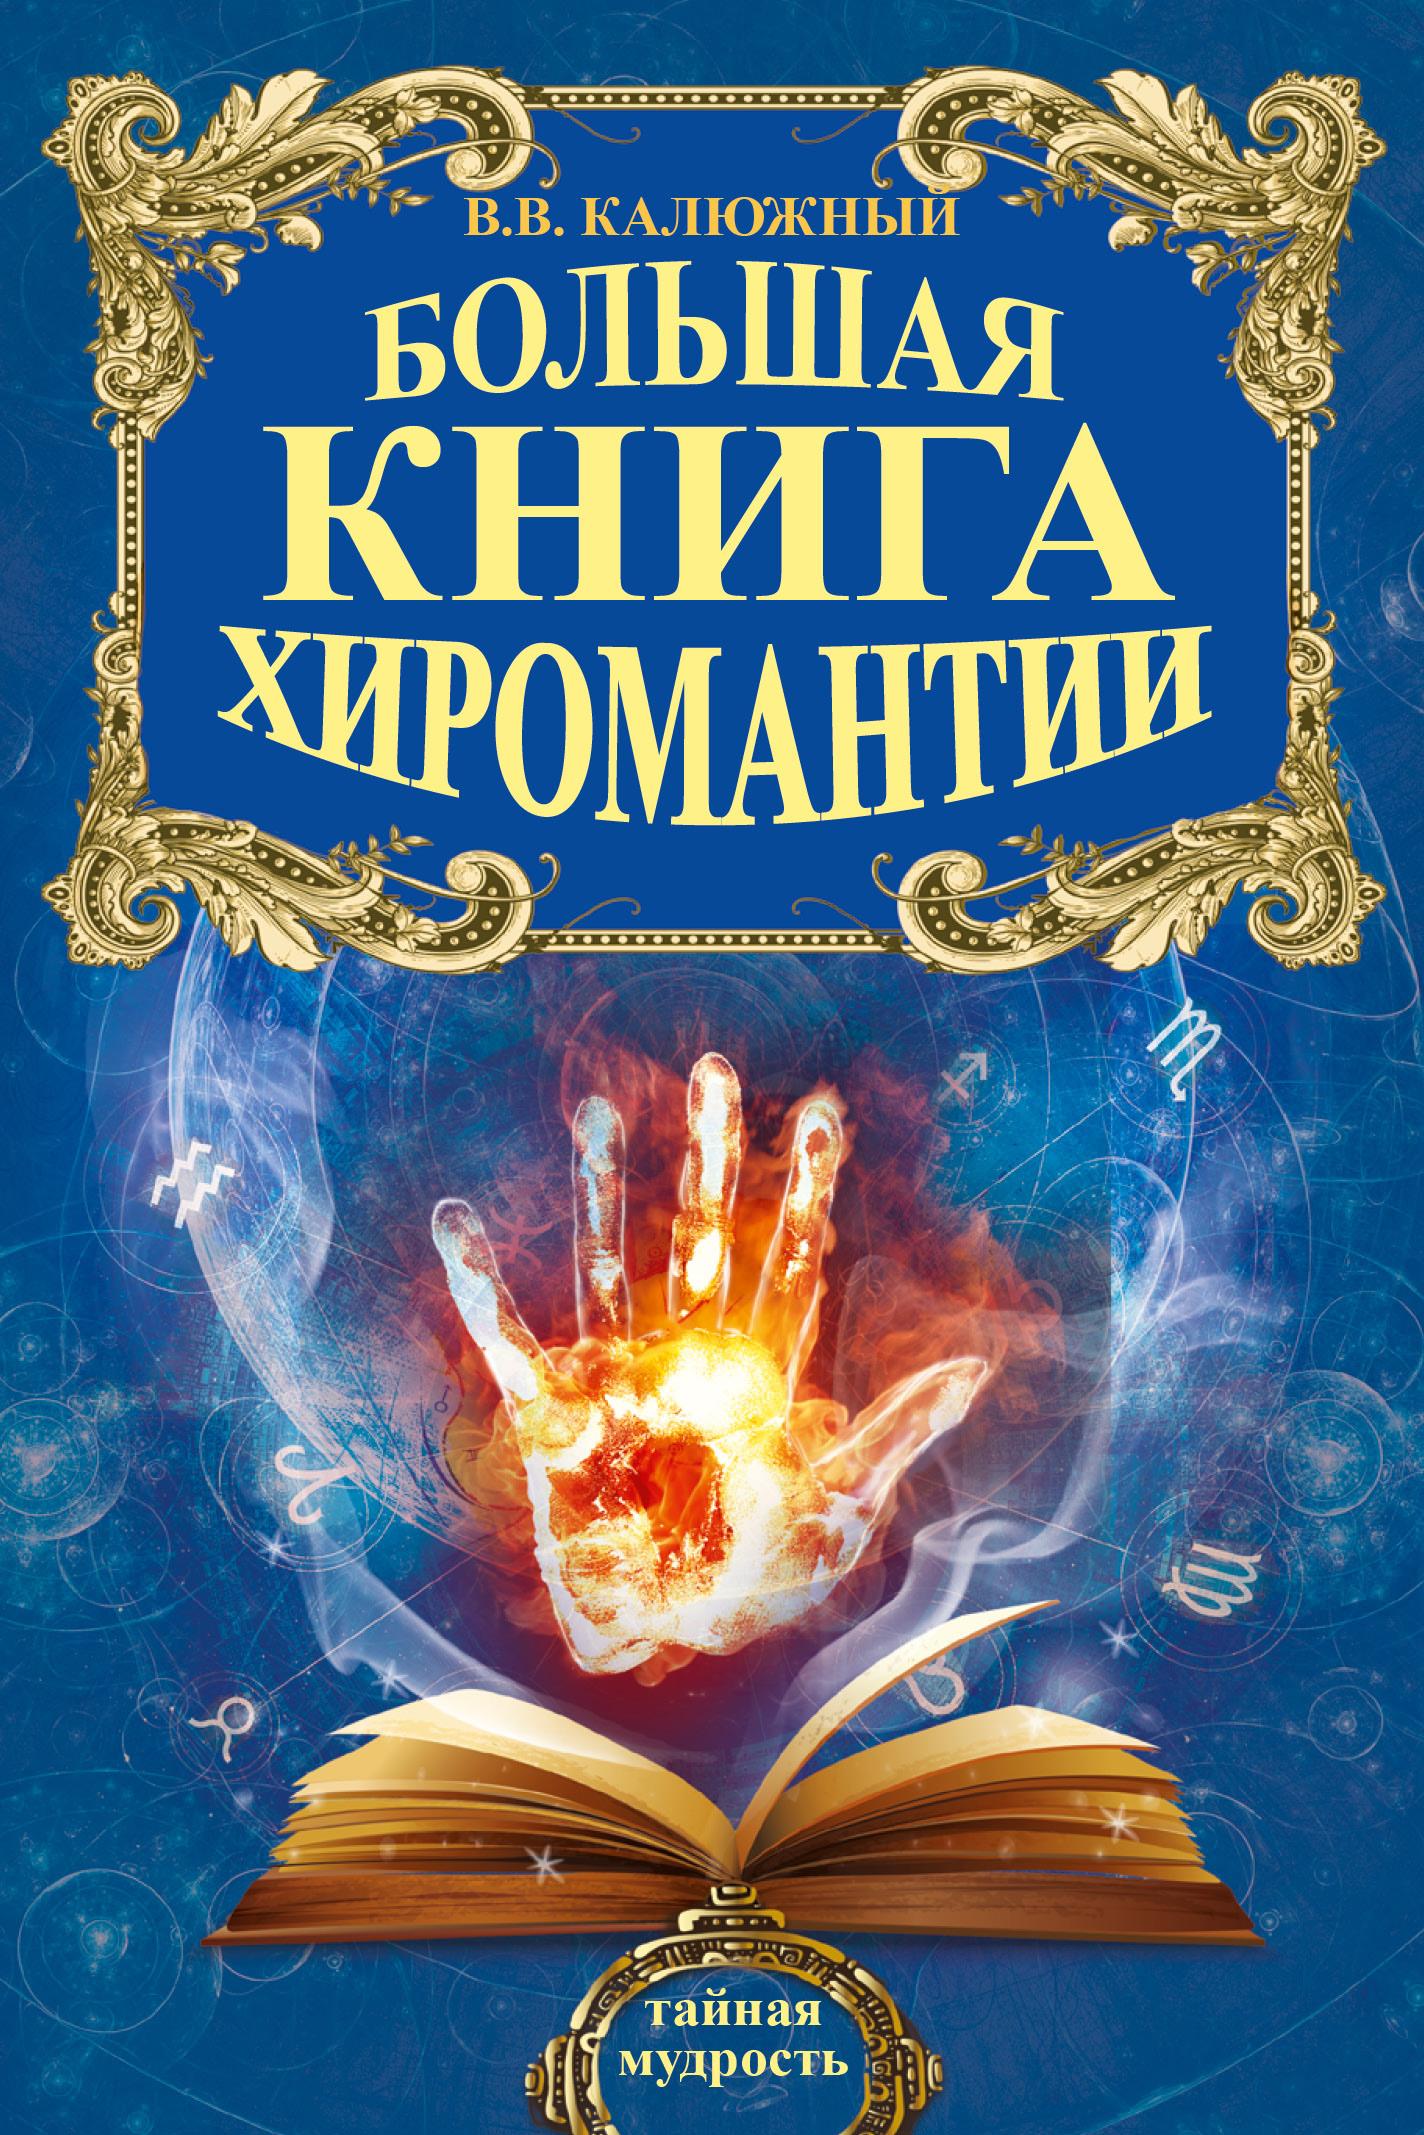 Виктор Калюжный Большая книга хиромантии смеситель для раковины kludi kludi balance 522470575